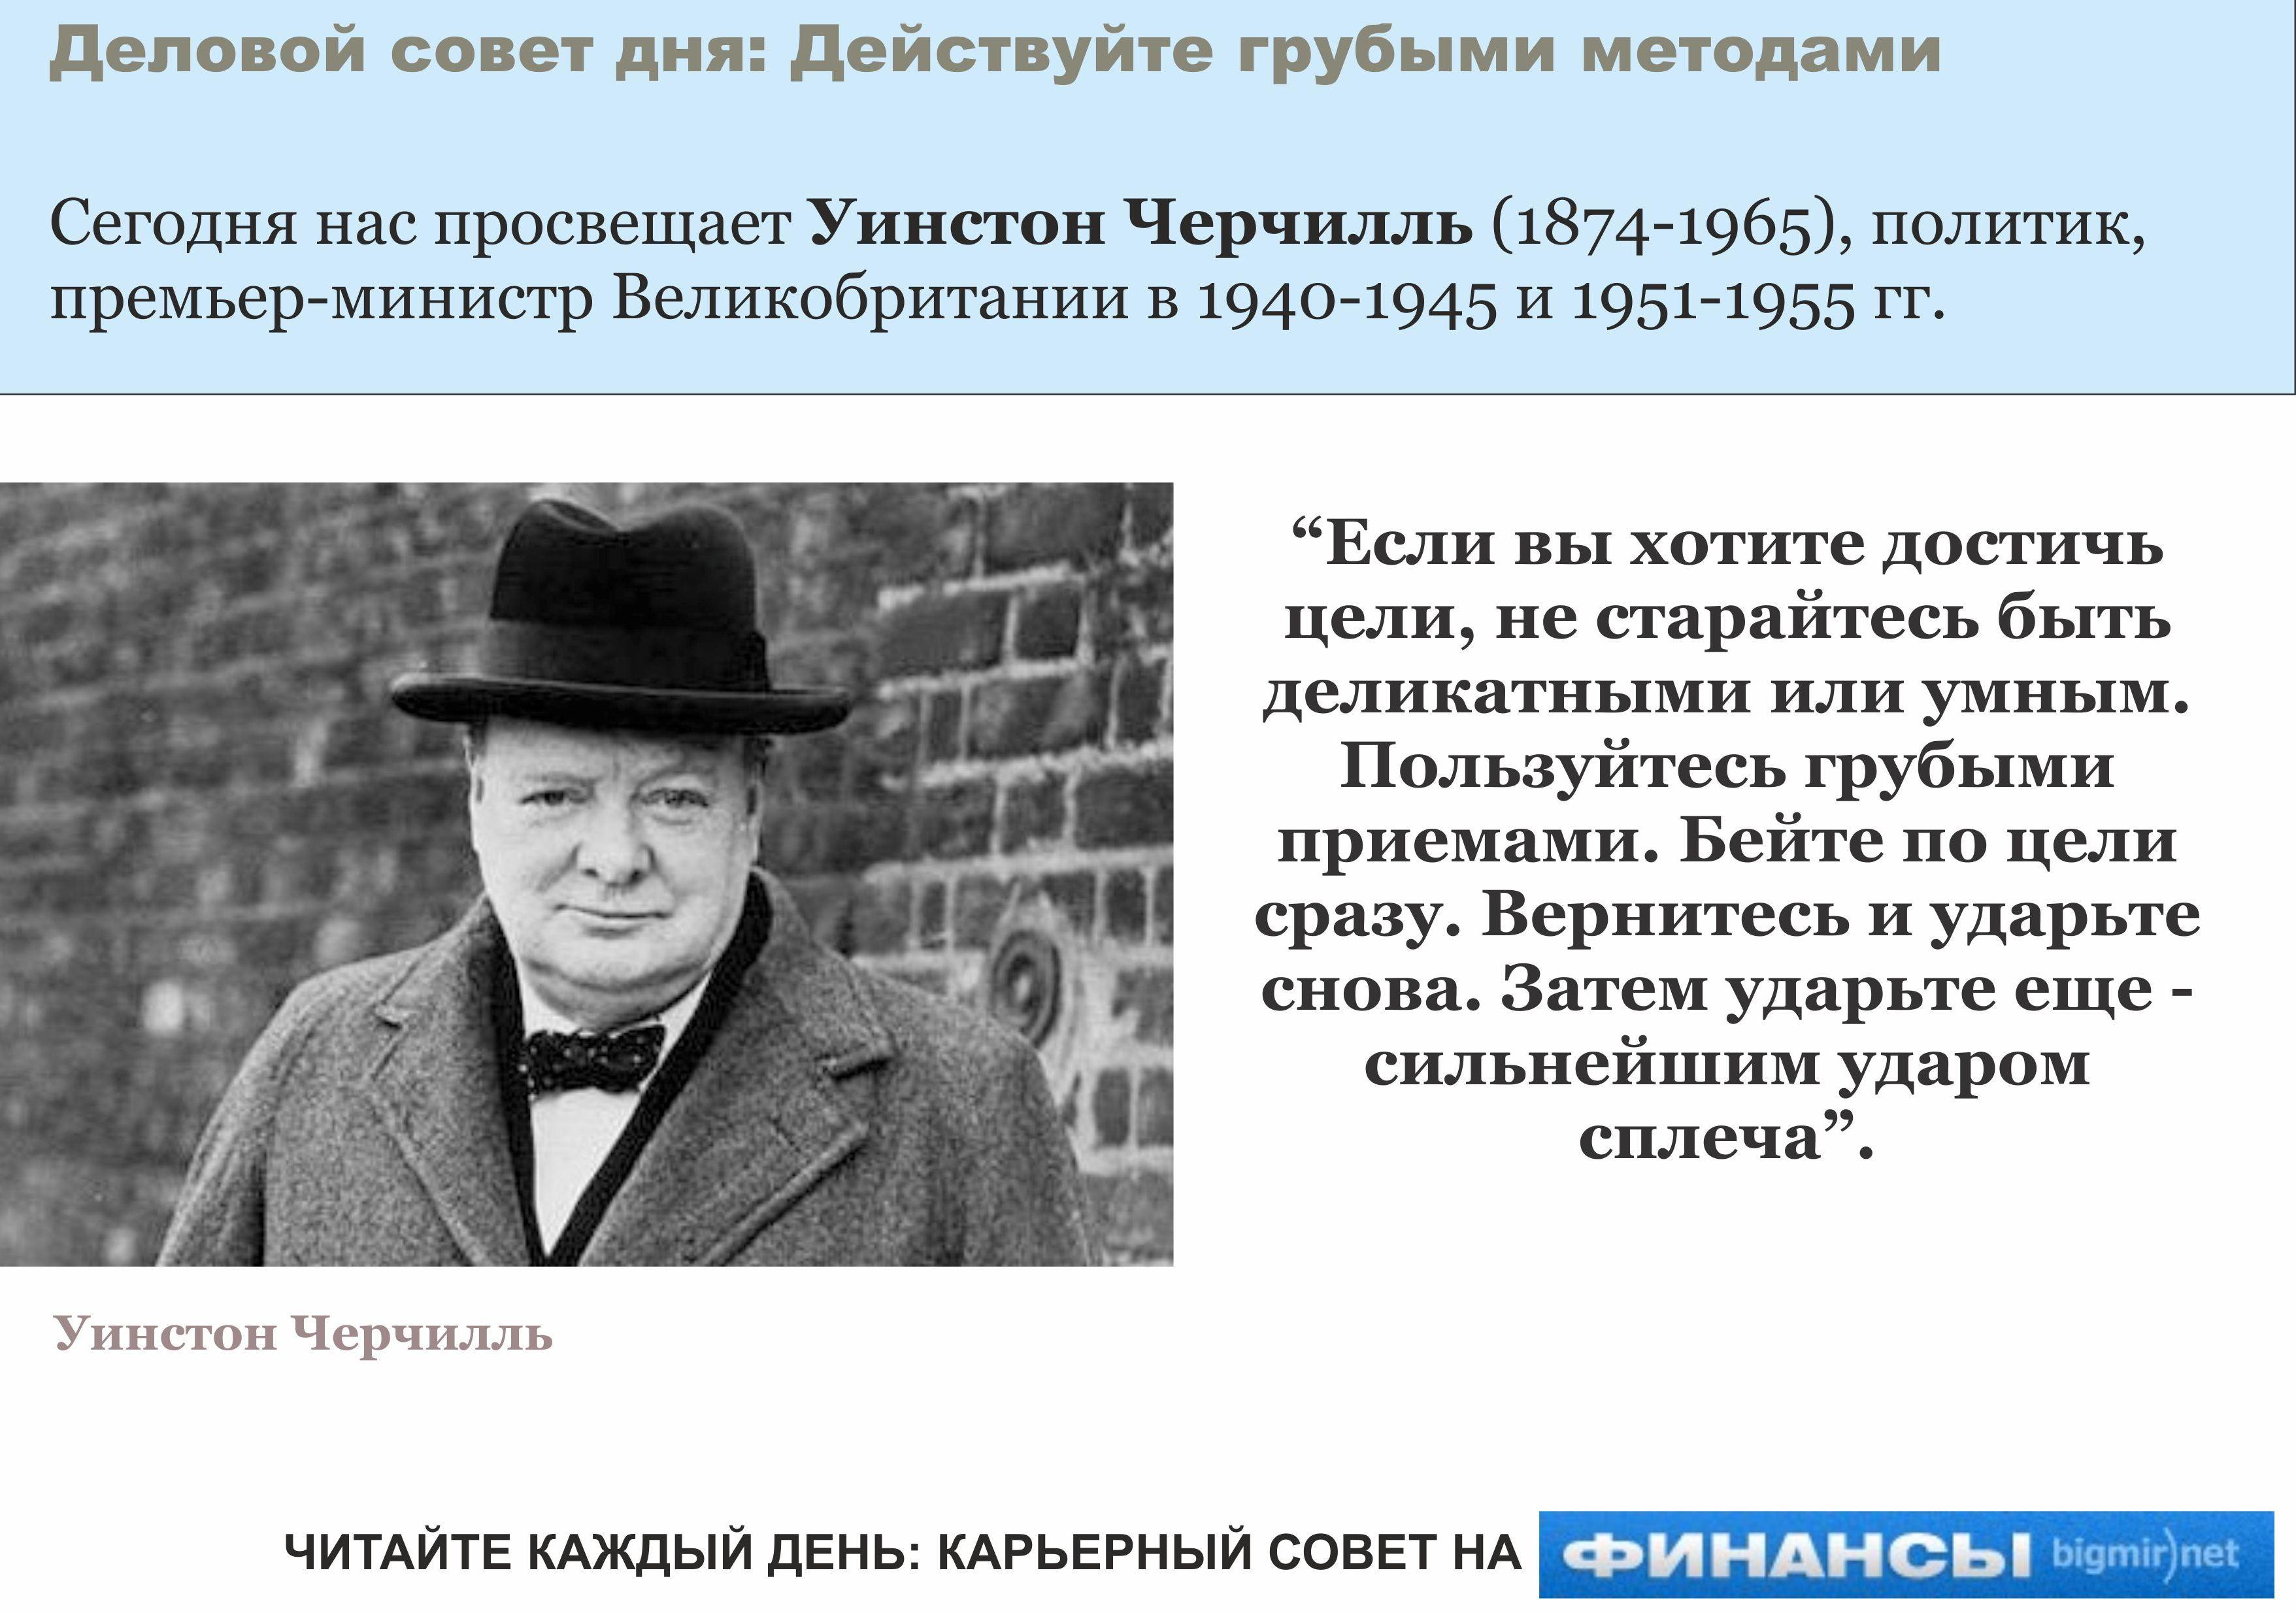 К цели нужно идти напролом, как Уинстон Черчилль